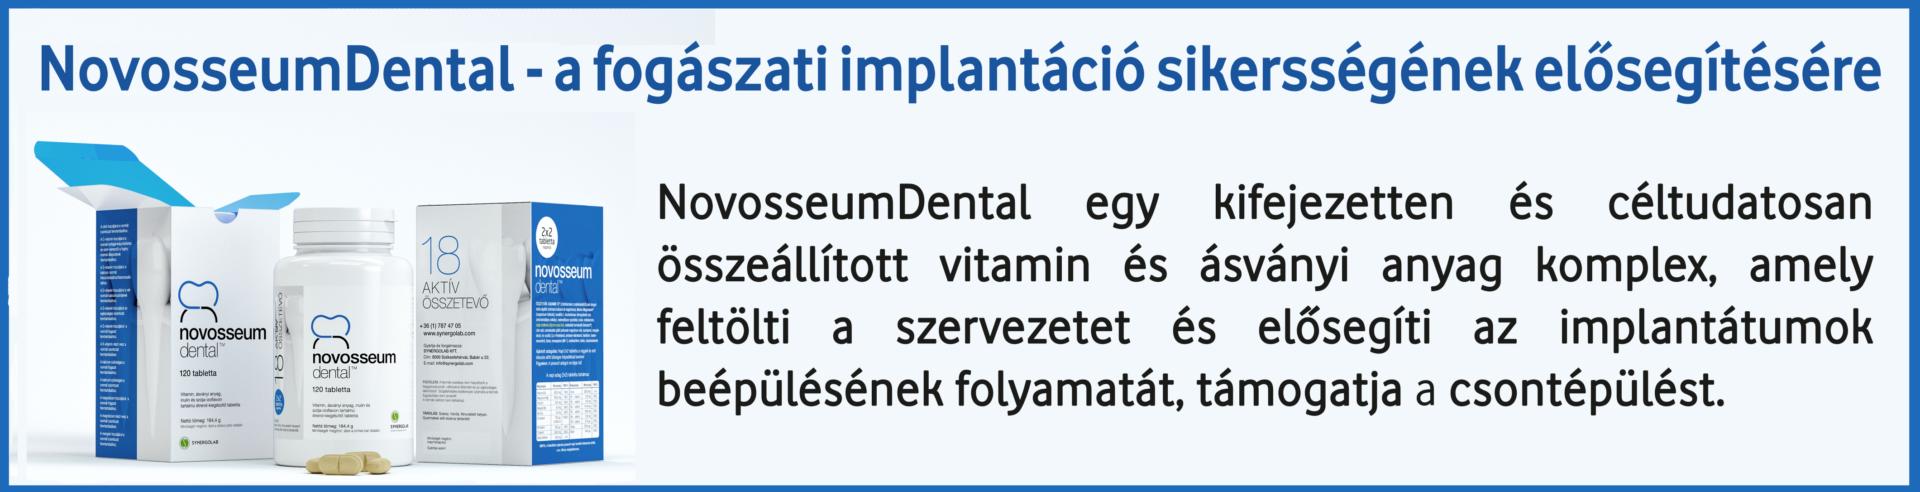 NovoseumDentalfogászati implantáció elősegítésére vitamin és ásványi anyag komplex